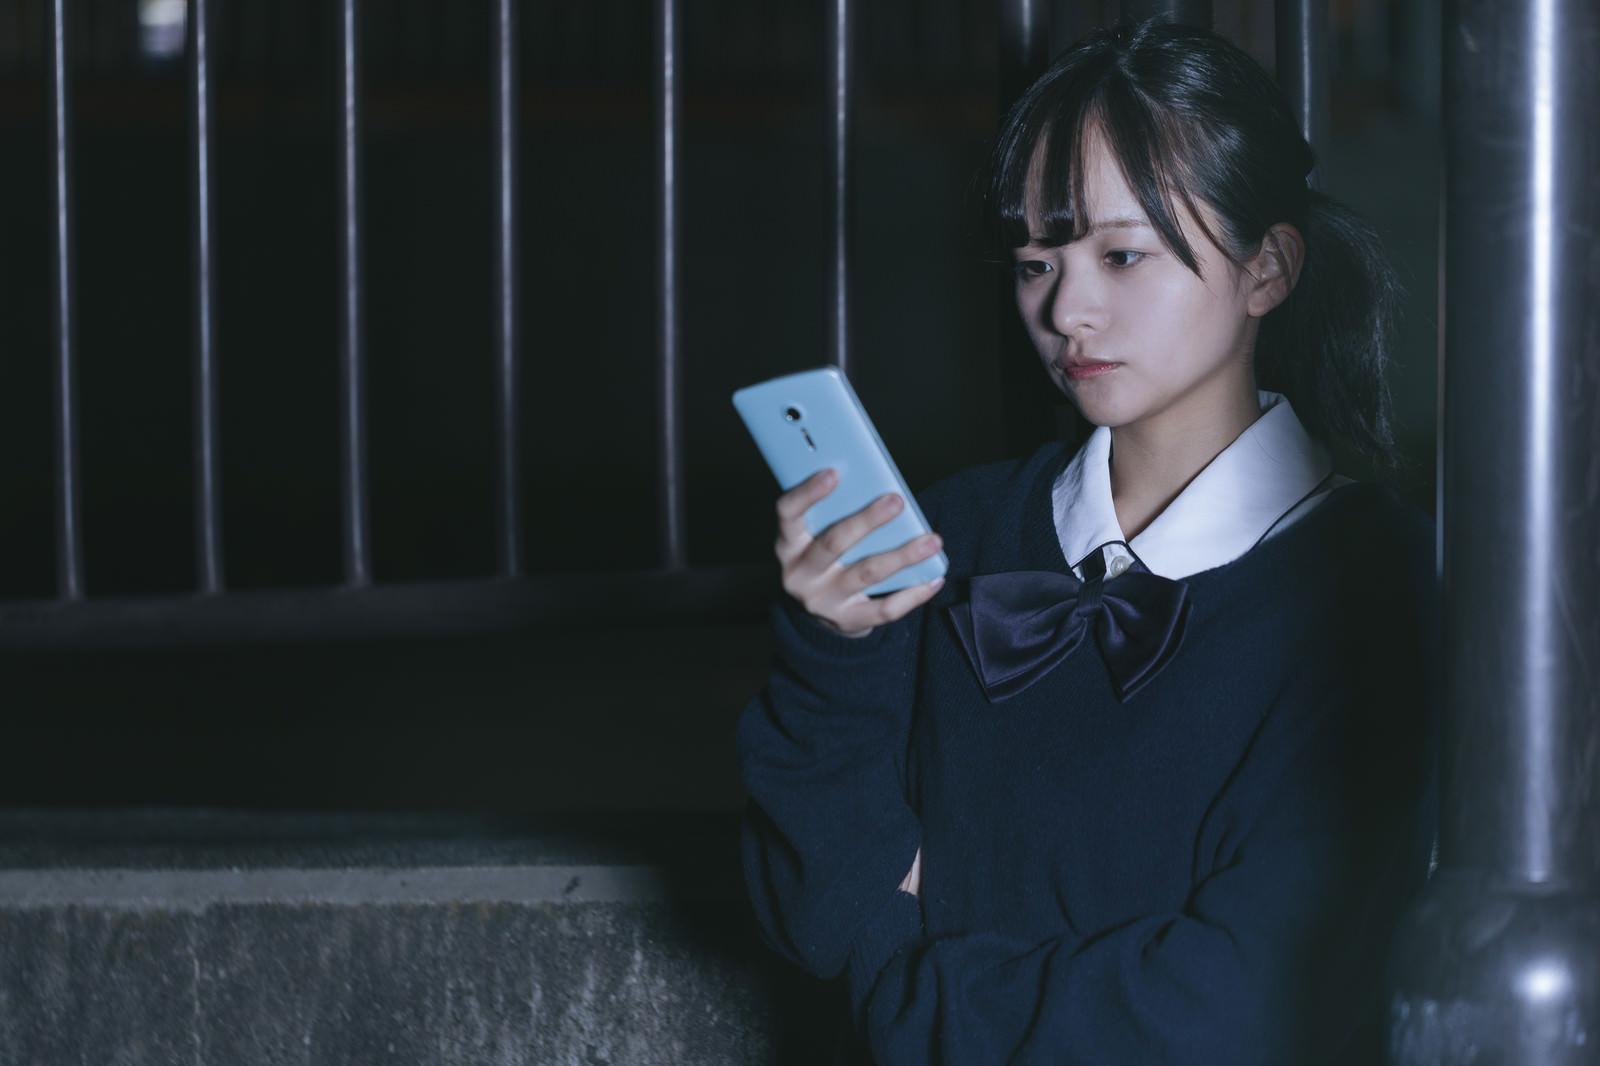 「スマホを使って追跡調査する女子高生探偵」の写真[モデル:千歳]